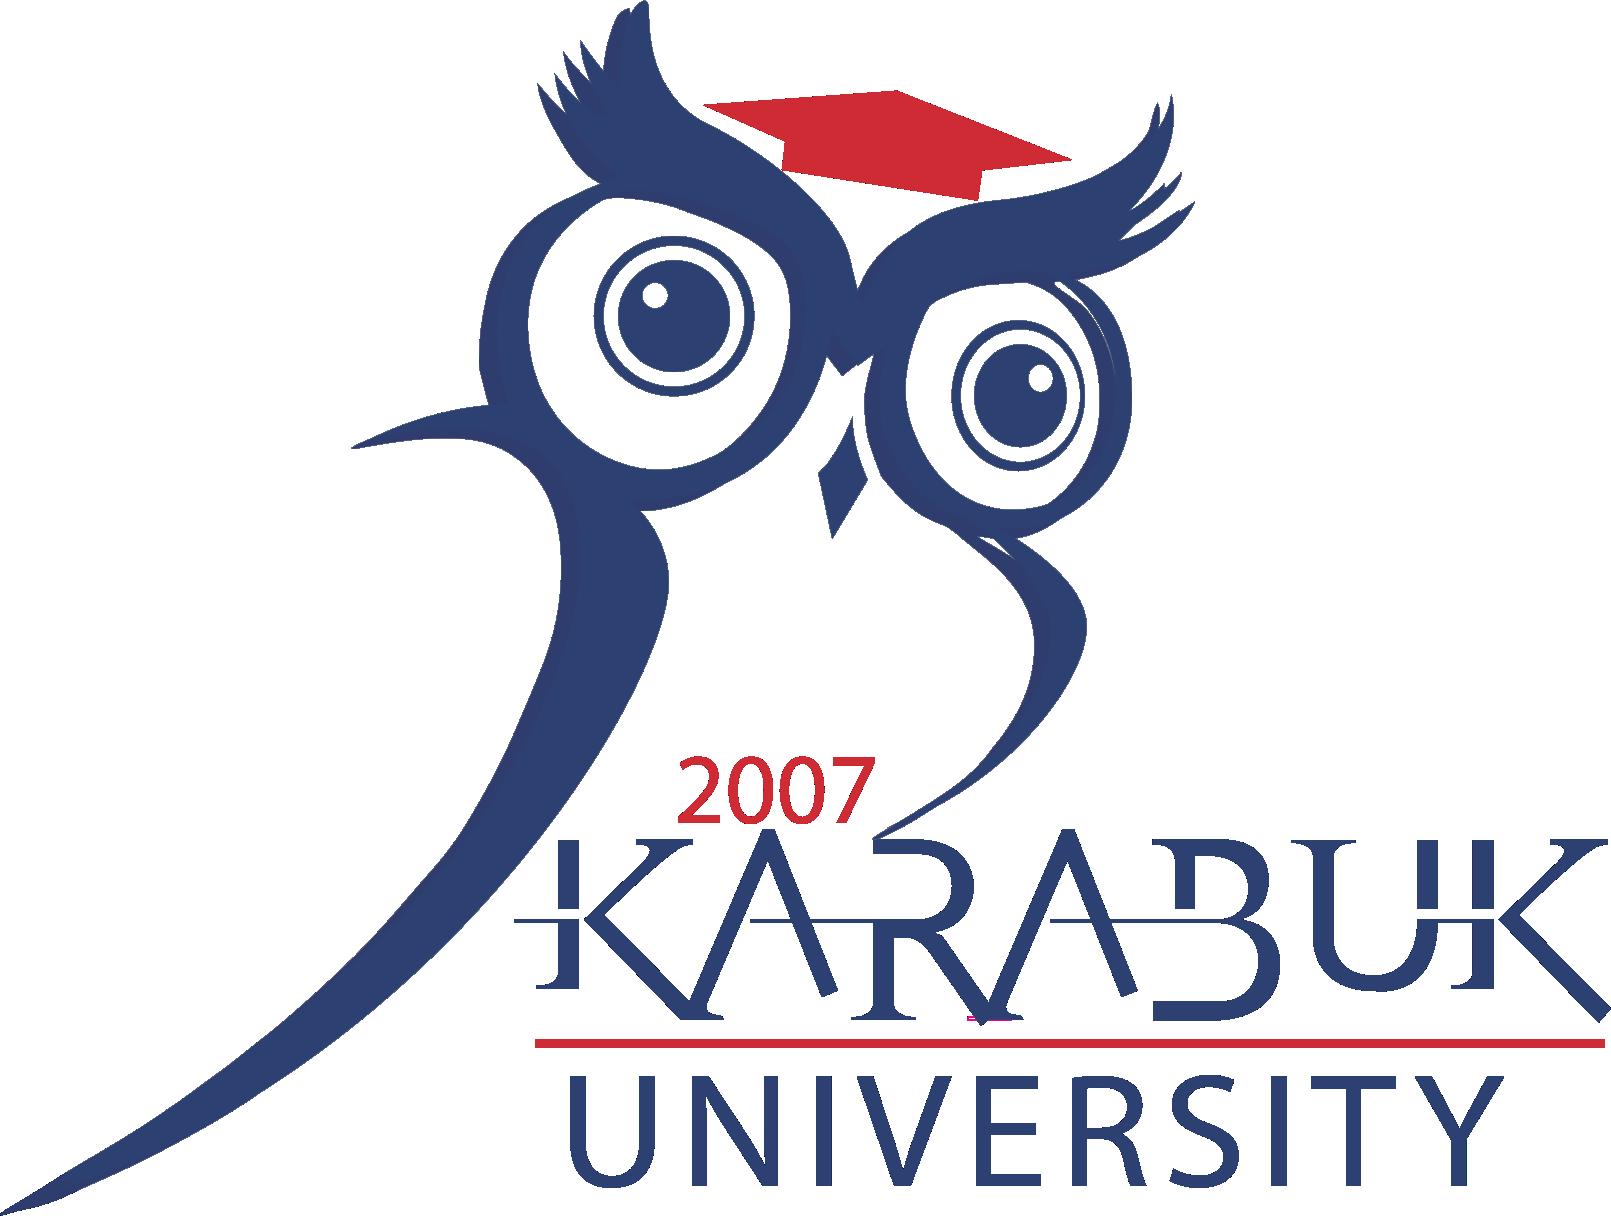 Karabük Üniversitesi555555